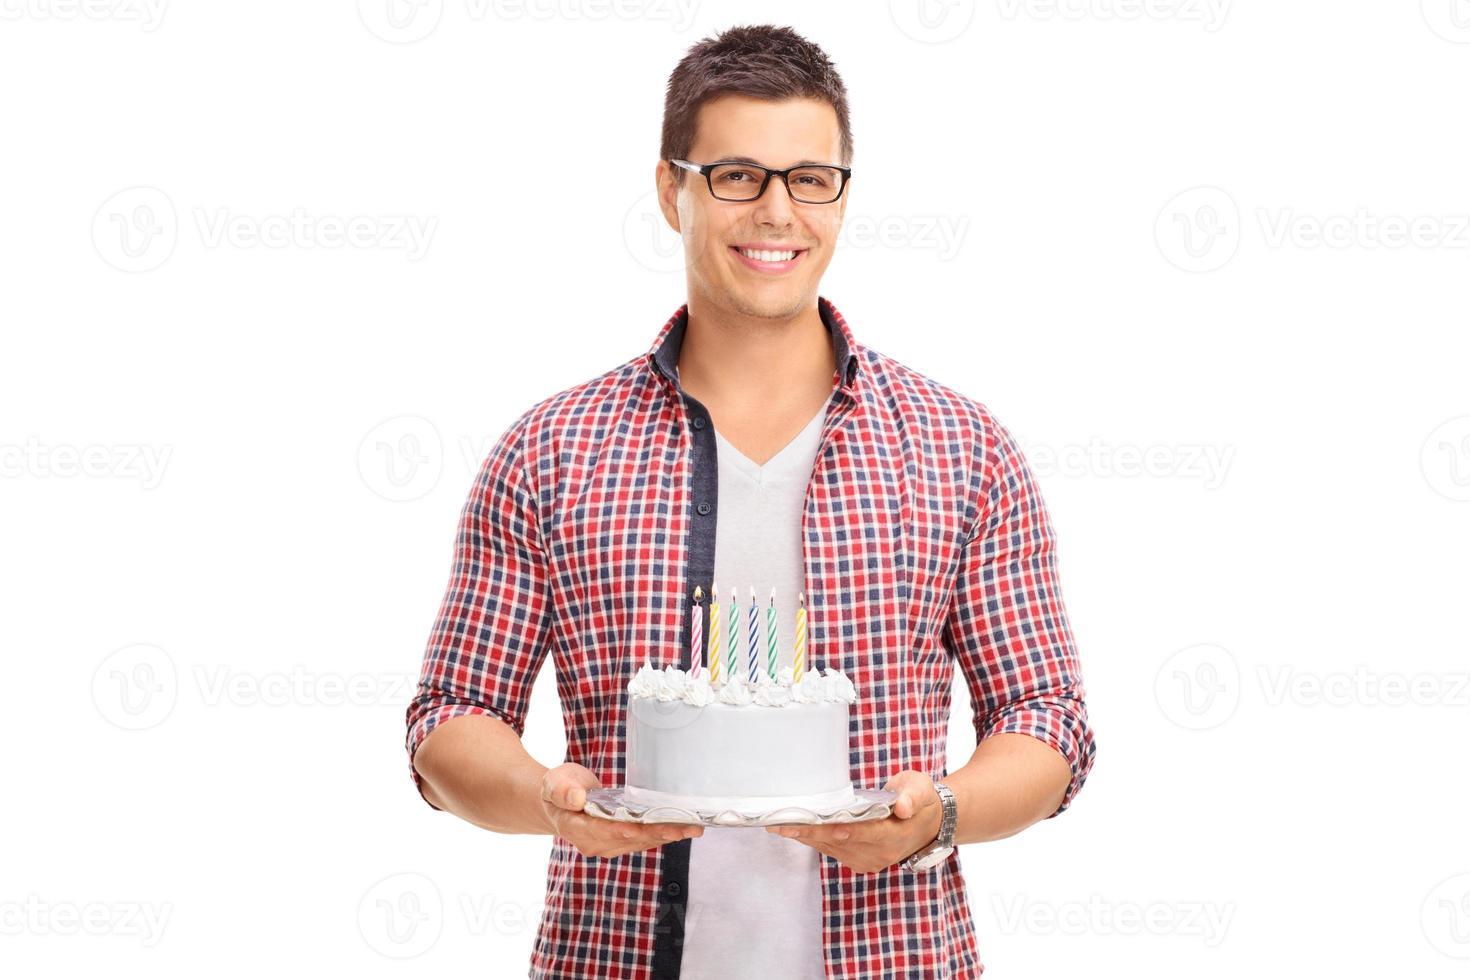 fröhlicher junger Mann, der eine Geburtstagstorte hält foto